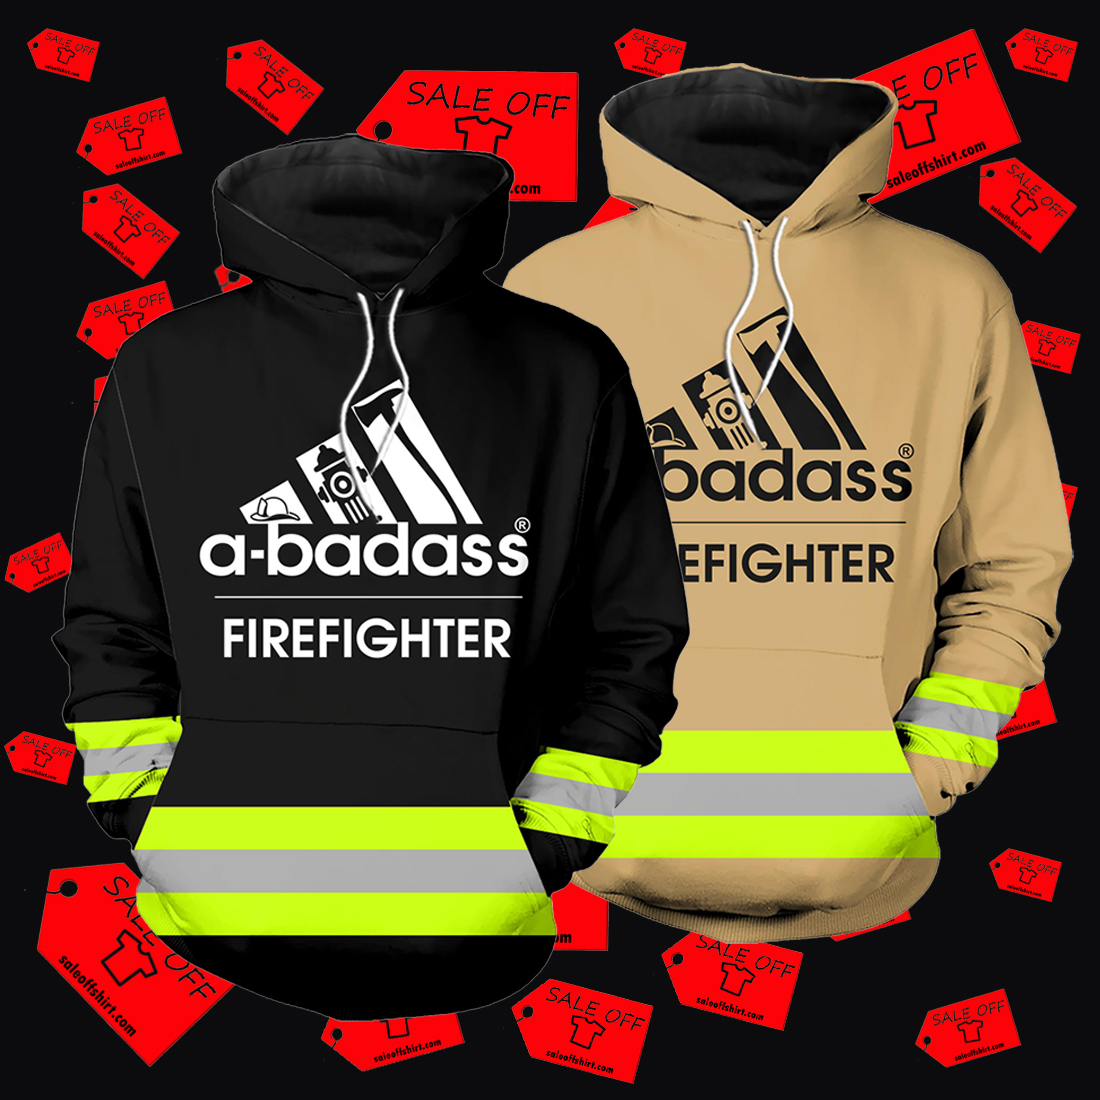 A-badass firefighter hoodie 3D